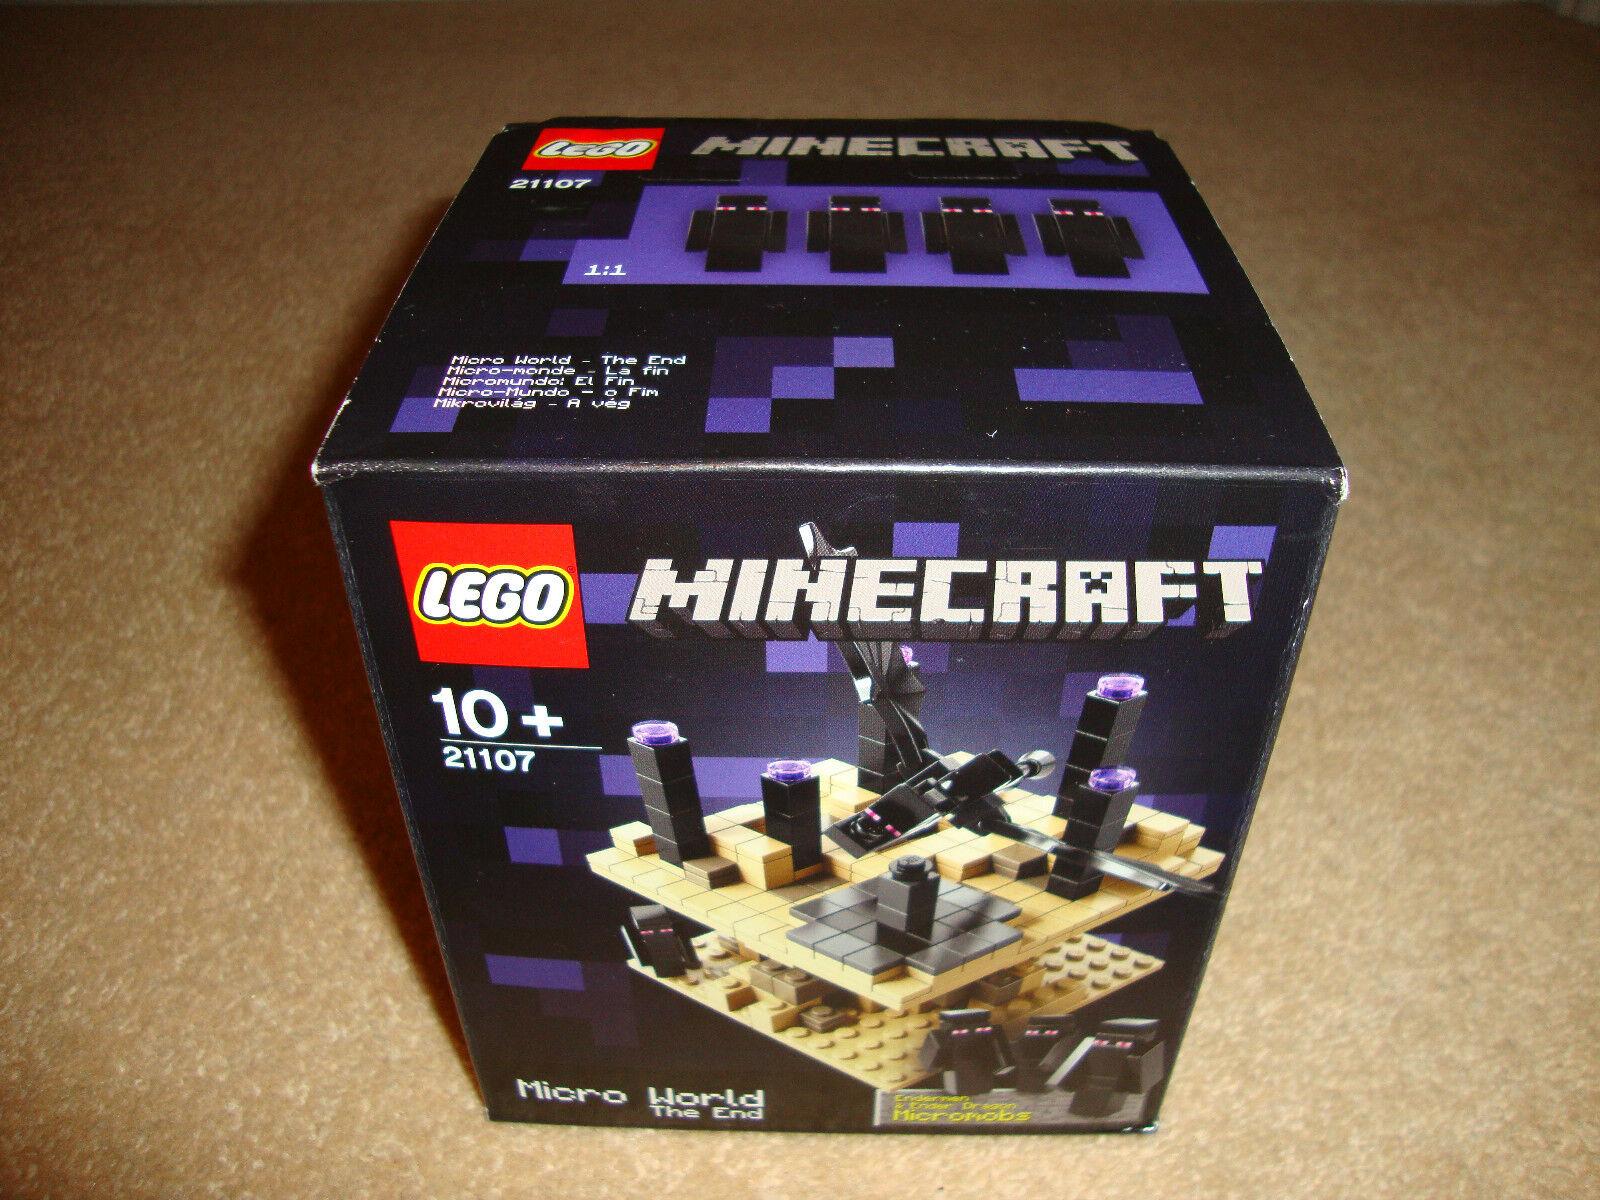 NEW-Lego Minecraft 21107-La Fine-Nuovo con Scatola + Gratis P&P